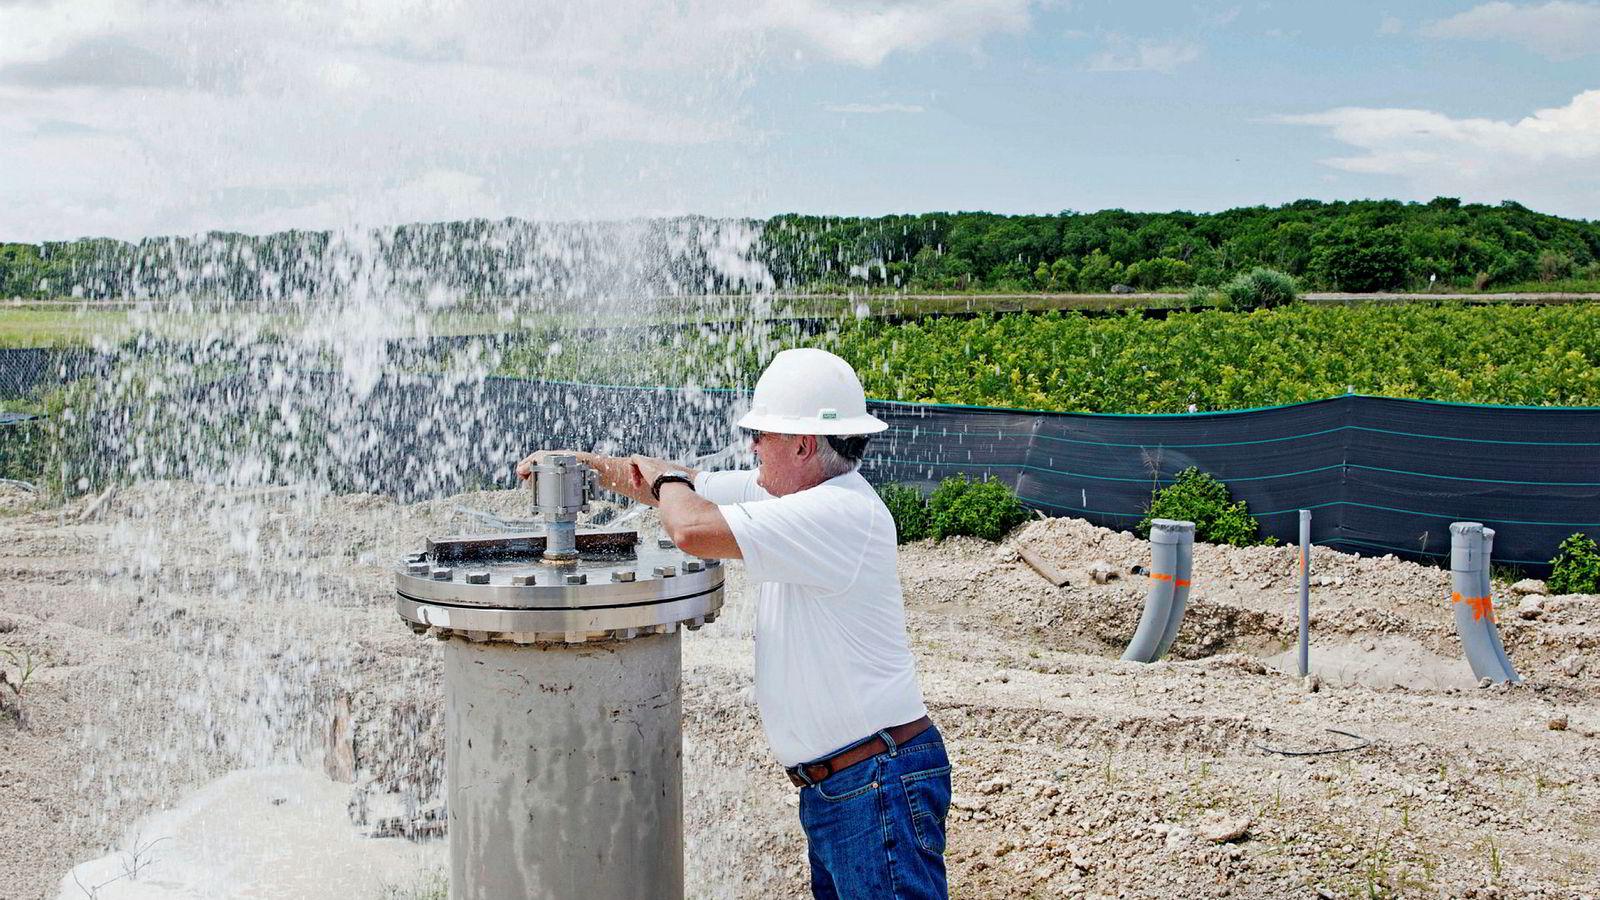 Vanngeolog Eric Meyer åpner en kran og salt grunnvann fra en dypvannsbrønn 700 meter under havnivå spruter ut over han og anlegget. Vannet har høyt trykk, noe som gjør at det ikke kan forurenses.